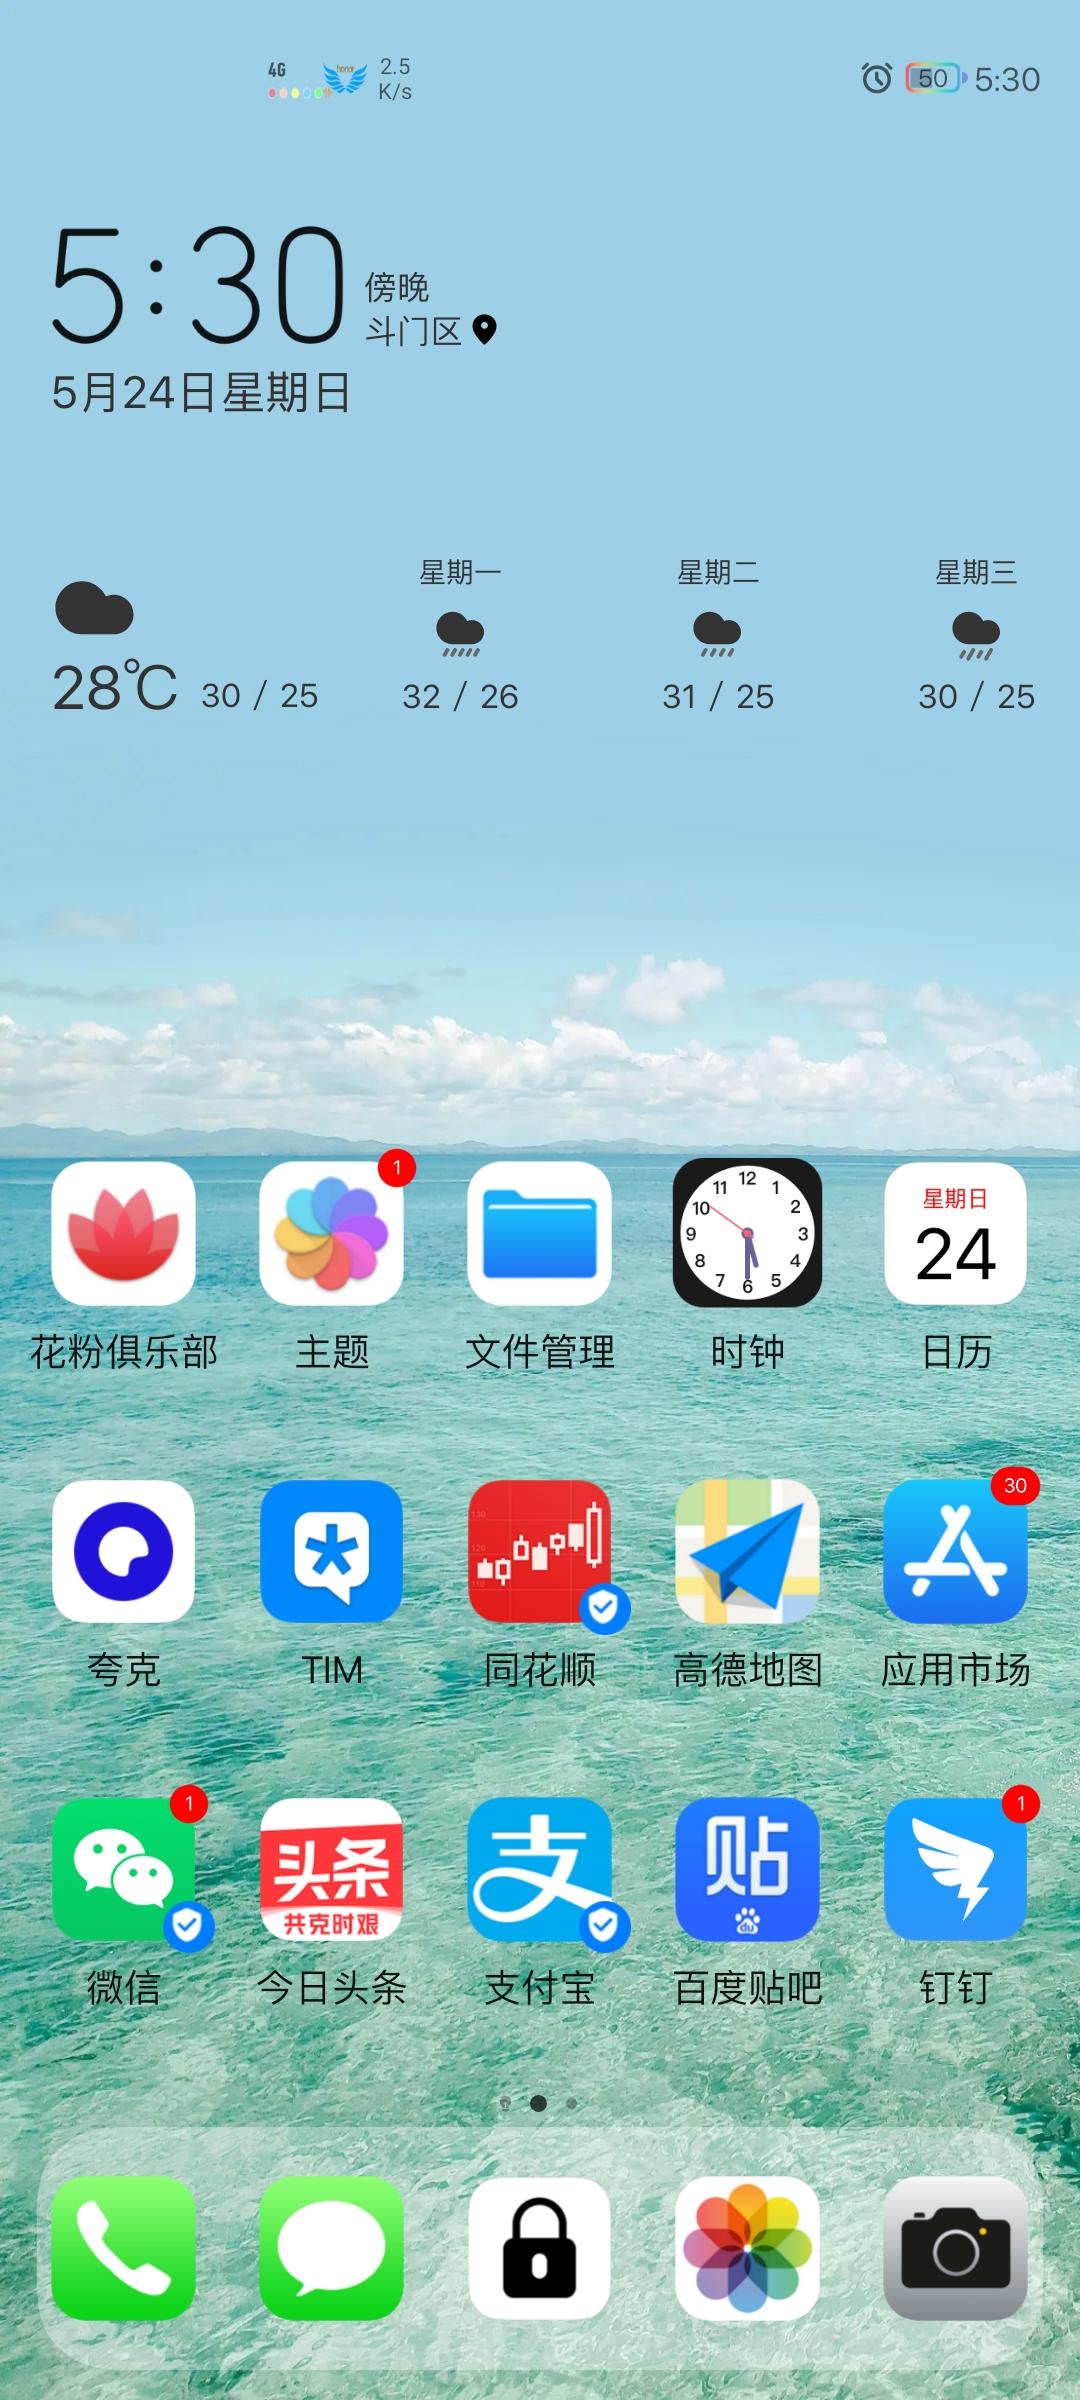 Screenshot_20200524_173052_com.huawei.android.launcher.jpg